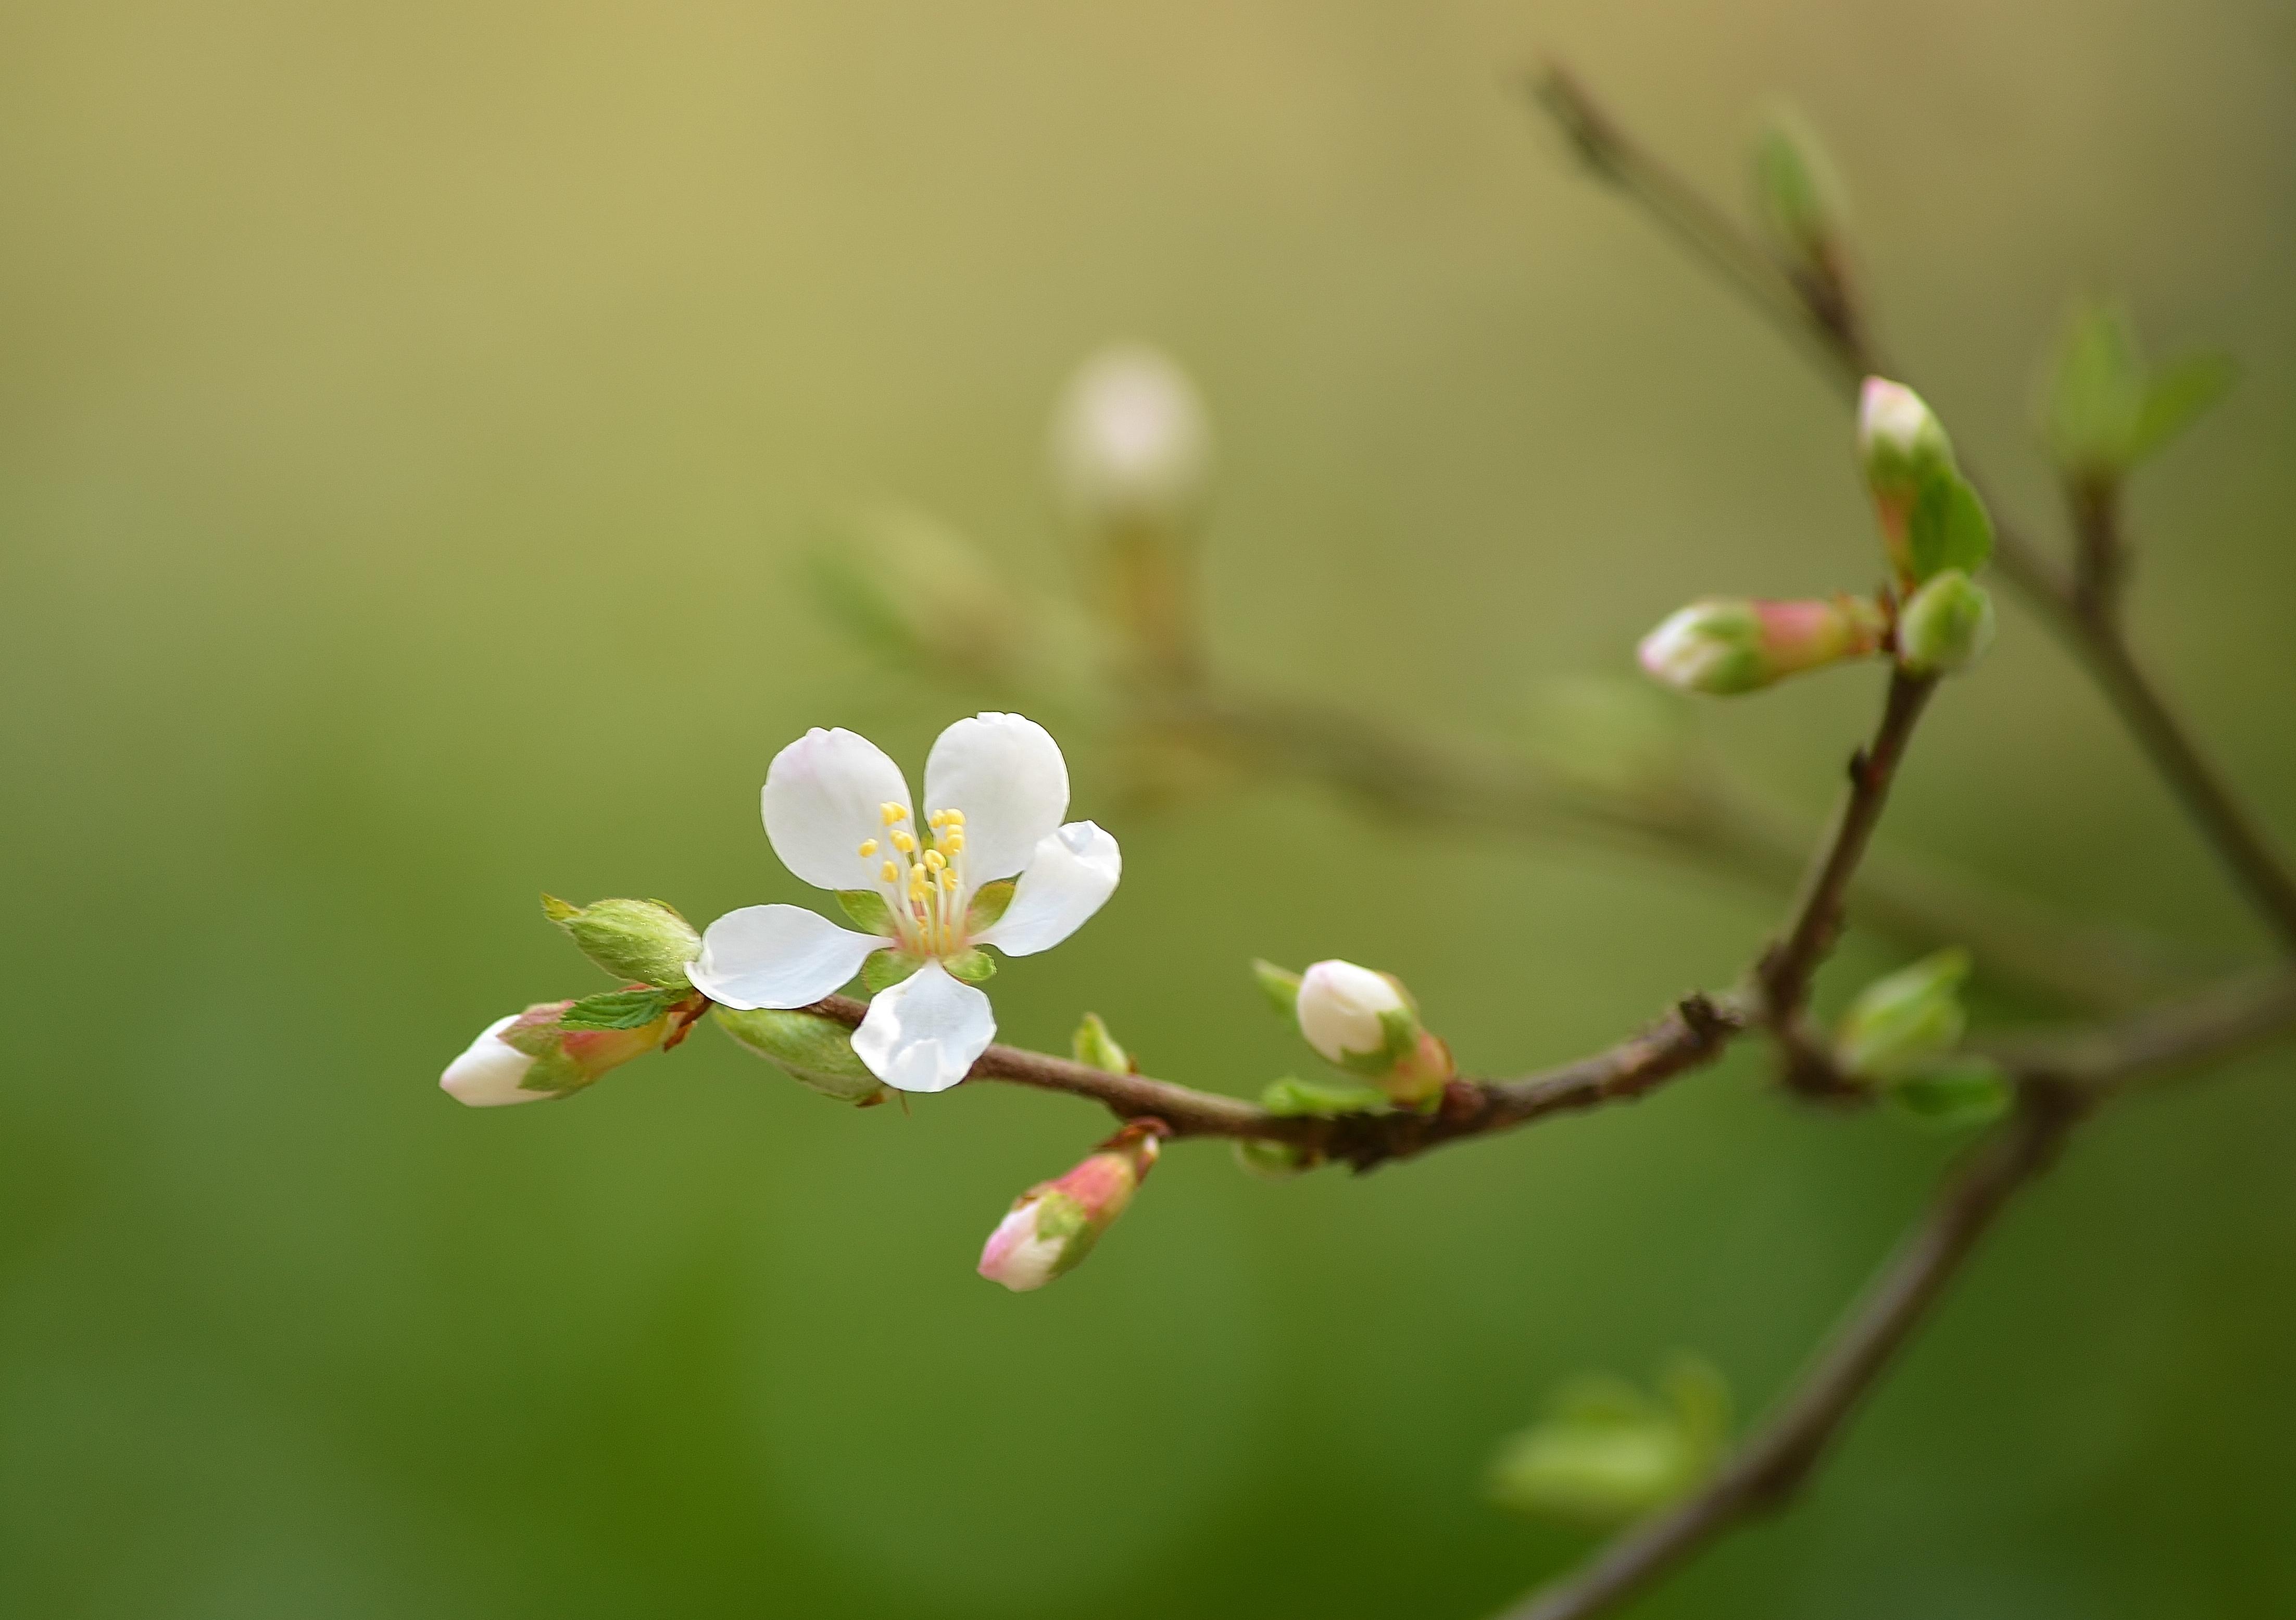 Sfondi Cibo Natura Ramo Verde Fiorire Primavera Foglia